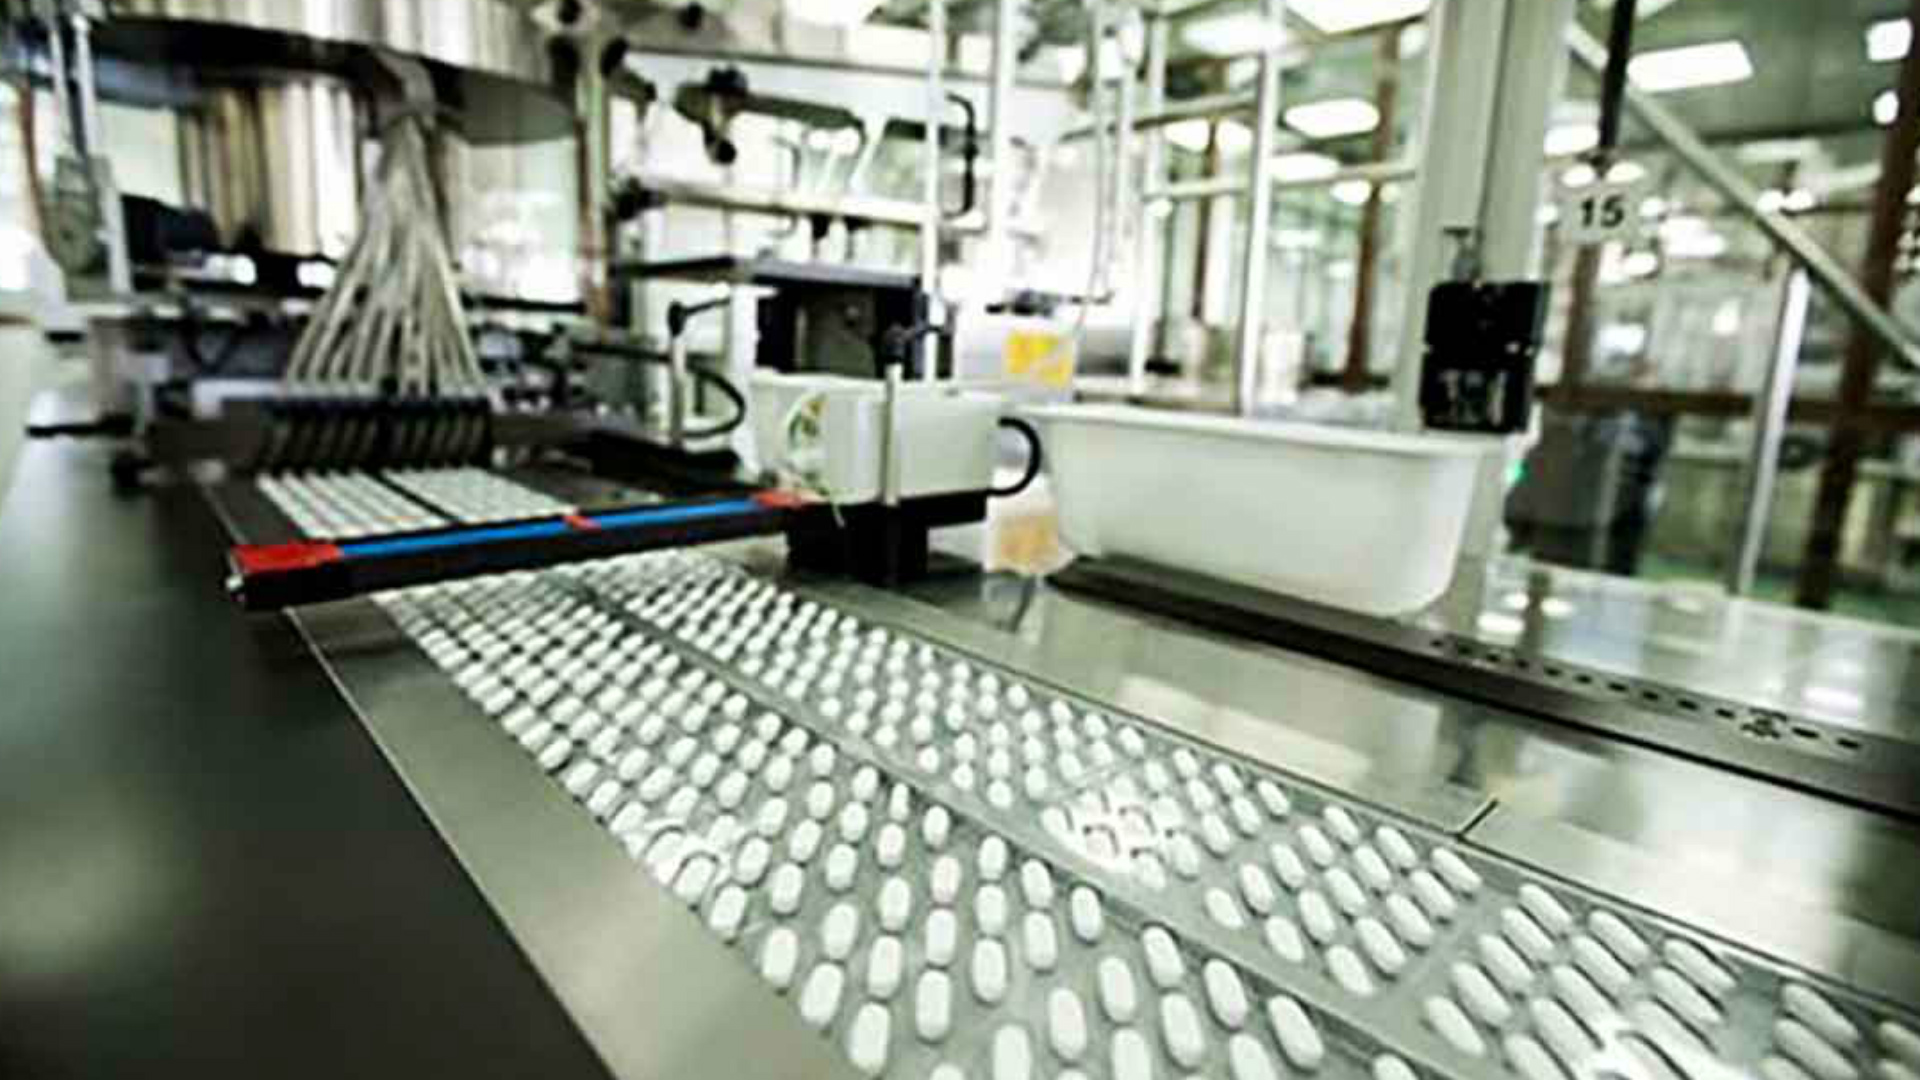 استثمار البصرة: إنشاء معمل للأدوية بكلفة 54 مليون دولار